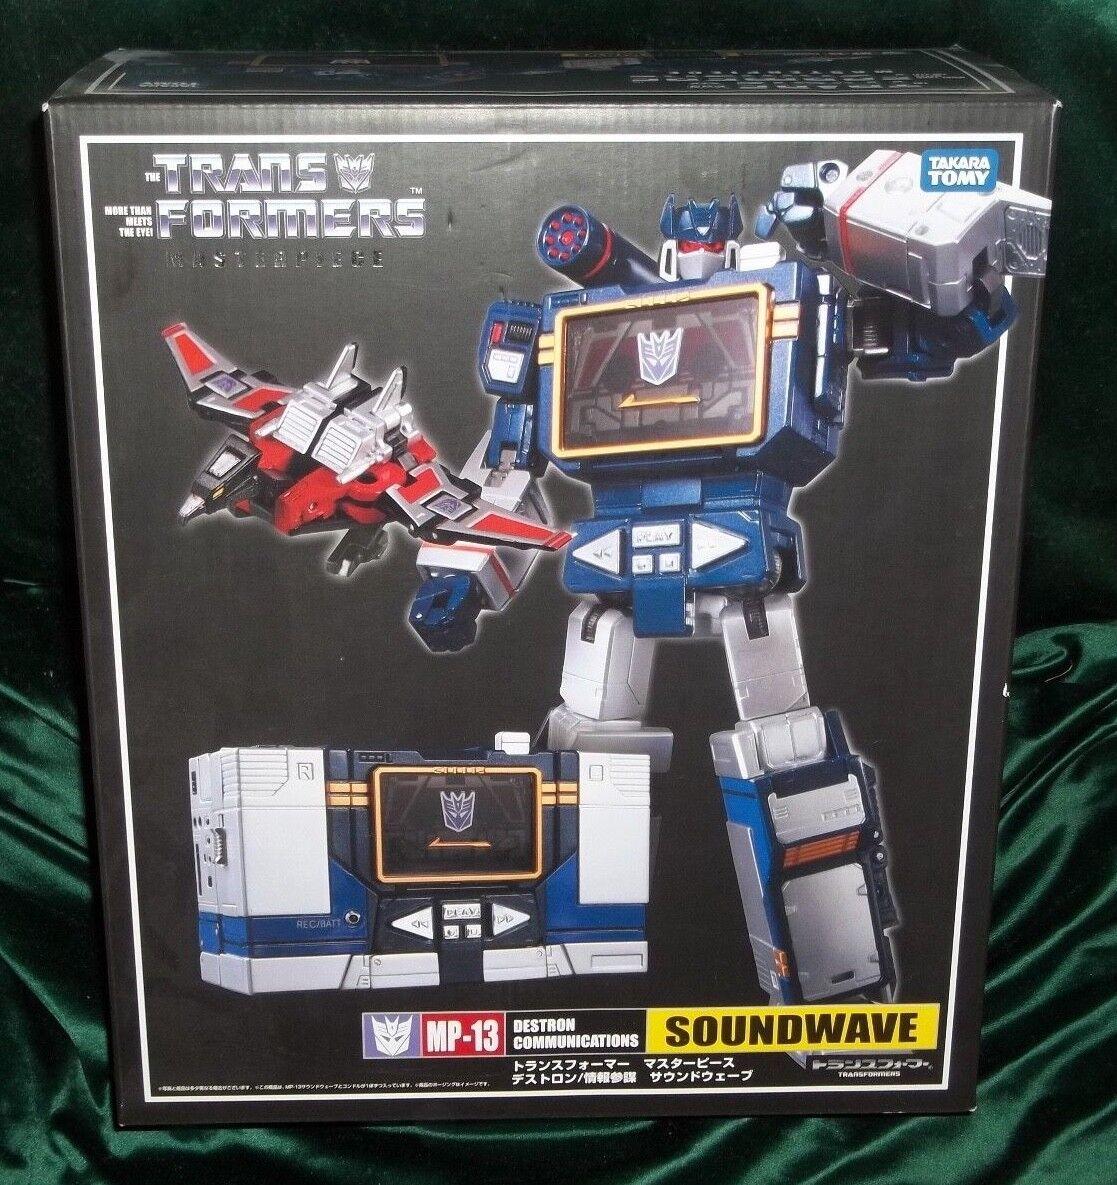 Transformers masterpiece mp-13 takara decepticon soundwave & laserbeak figure